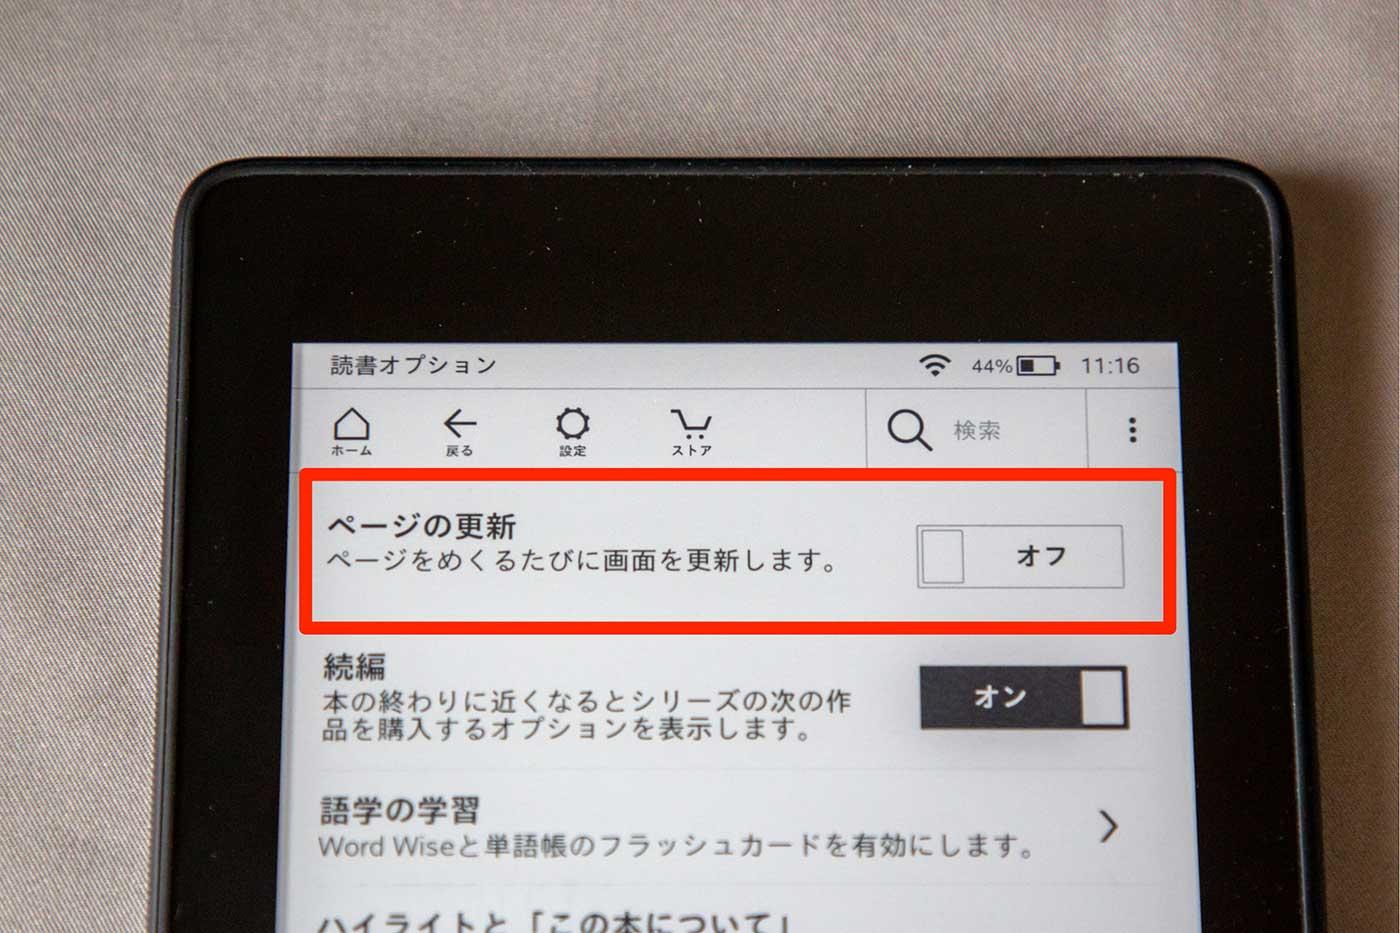 KindlePaperwhiteのの設定画面